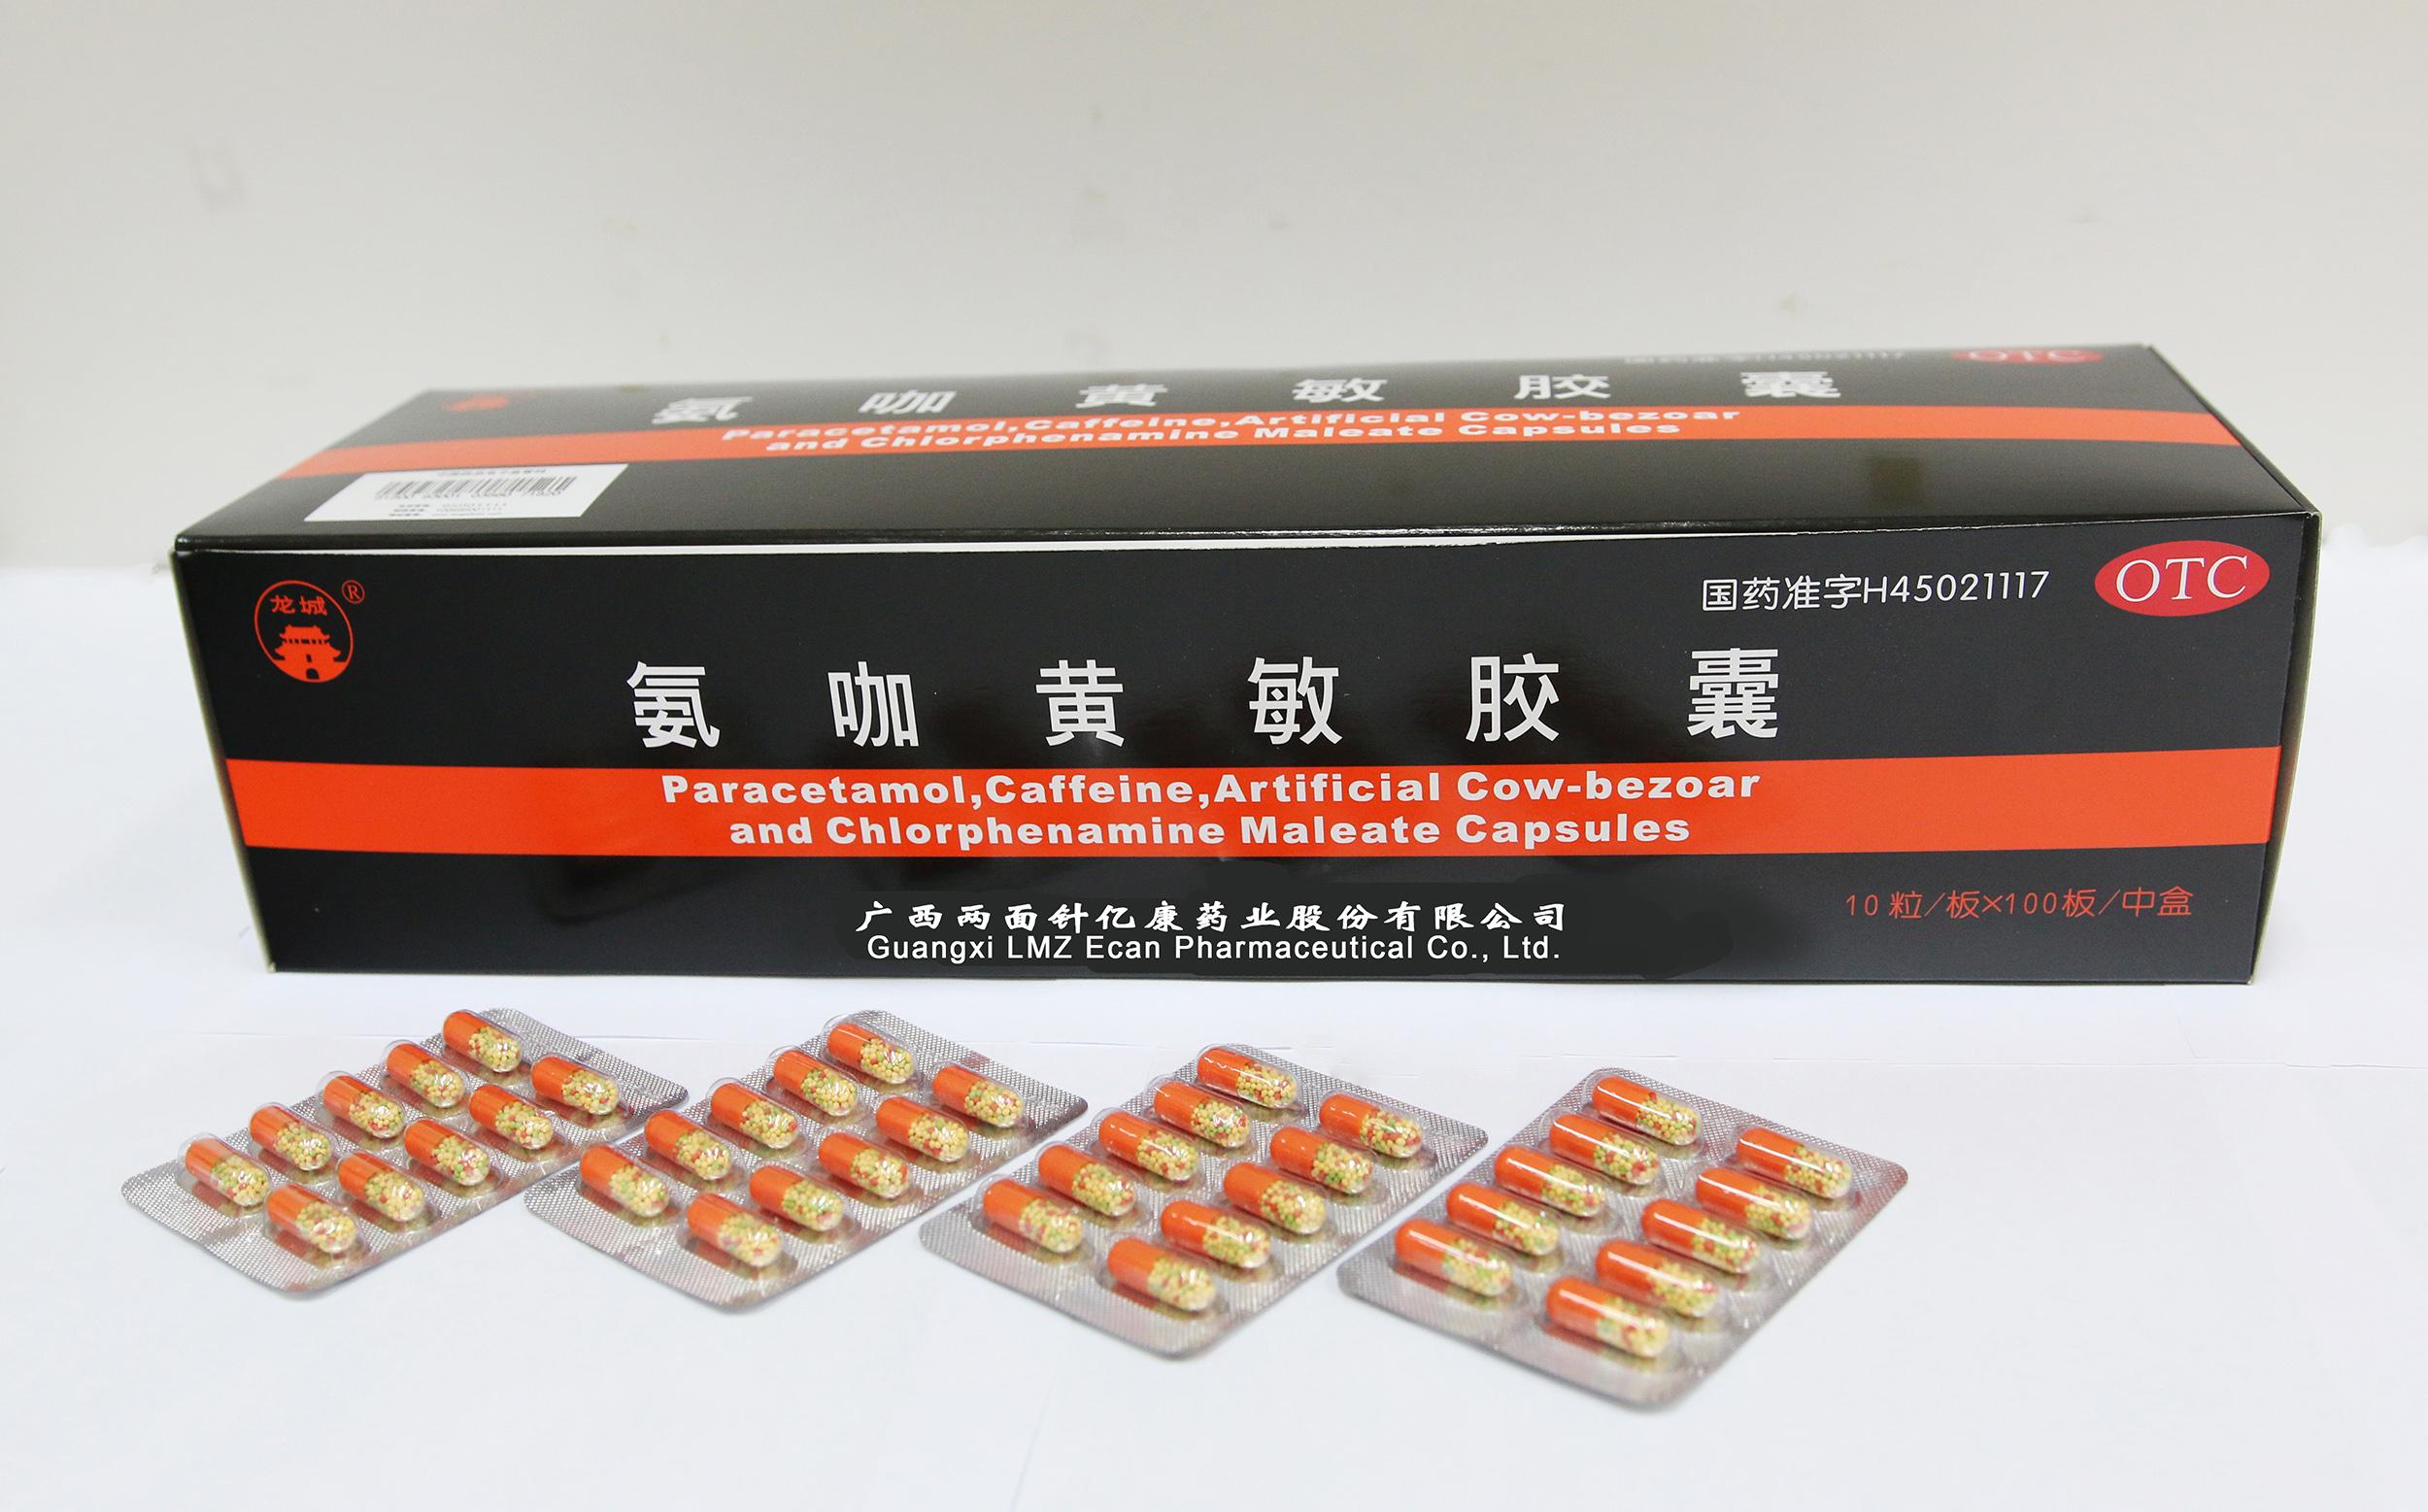 氨咖黃敏膠囊簡裝更名-小